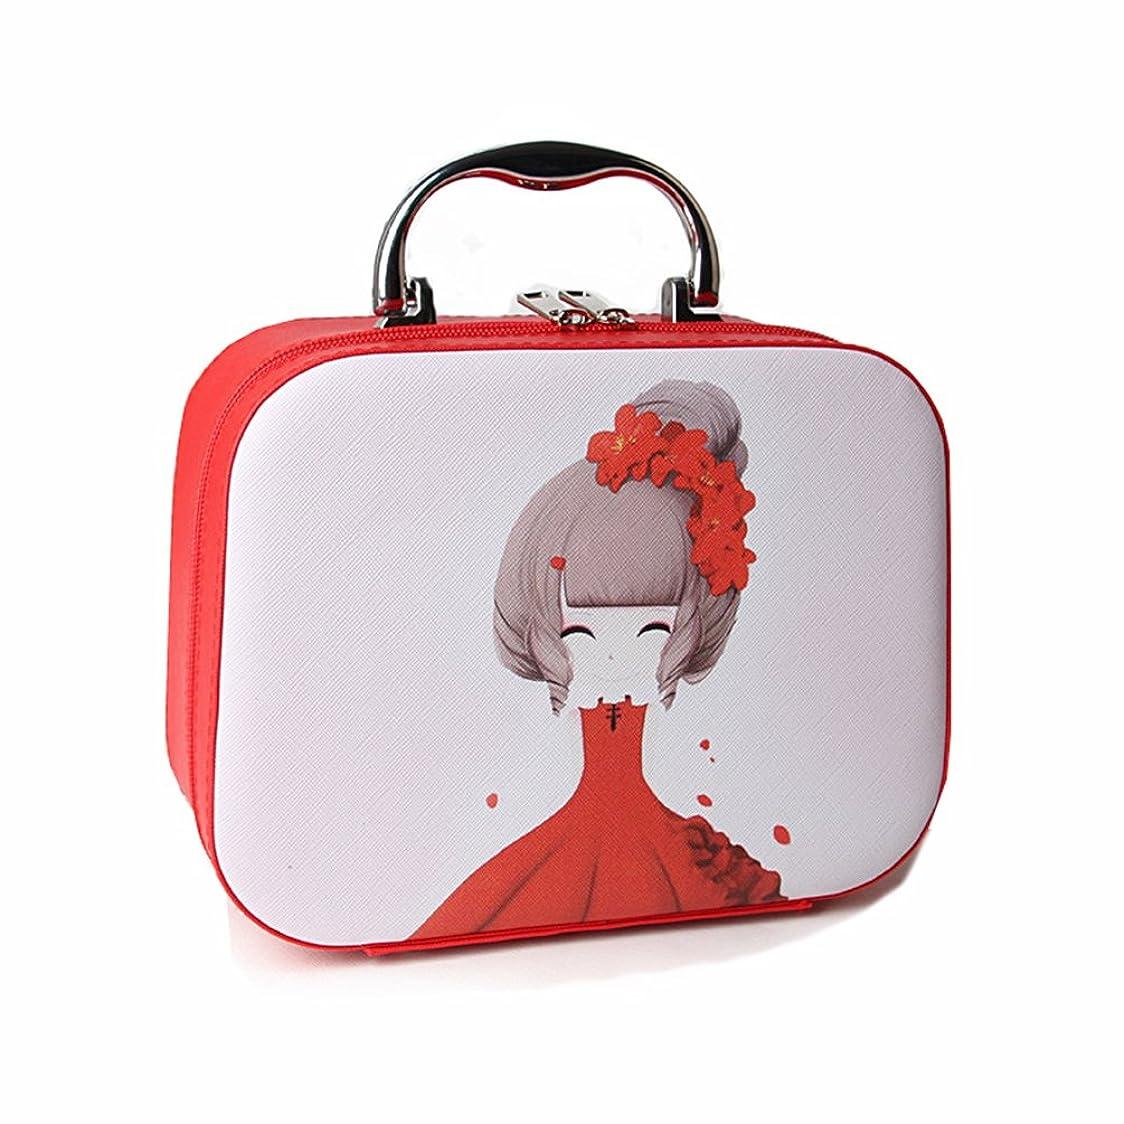 クレタシーズン杖メイクボックス コスメボックス コスメBOX 大容量 化粧品 収納ボックス 化粧ポーチ メイクポーチ 携帯便利 かわいい 少女 猫 女性用 女の子 ミラー付き 取っ手付き おしゃれ 鏡付き 機能的 防水 化粧箱